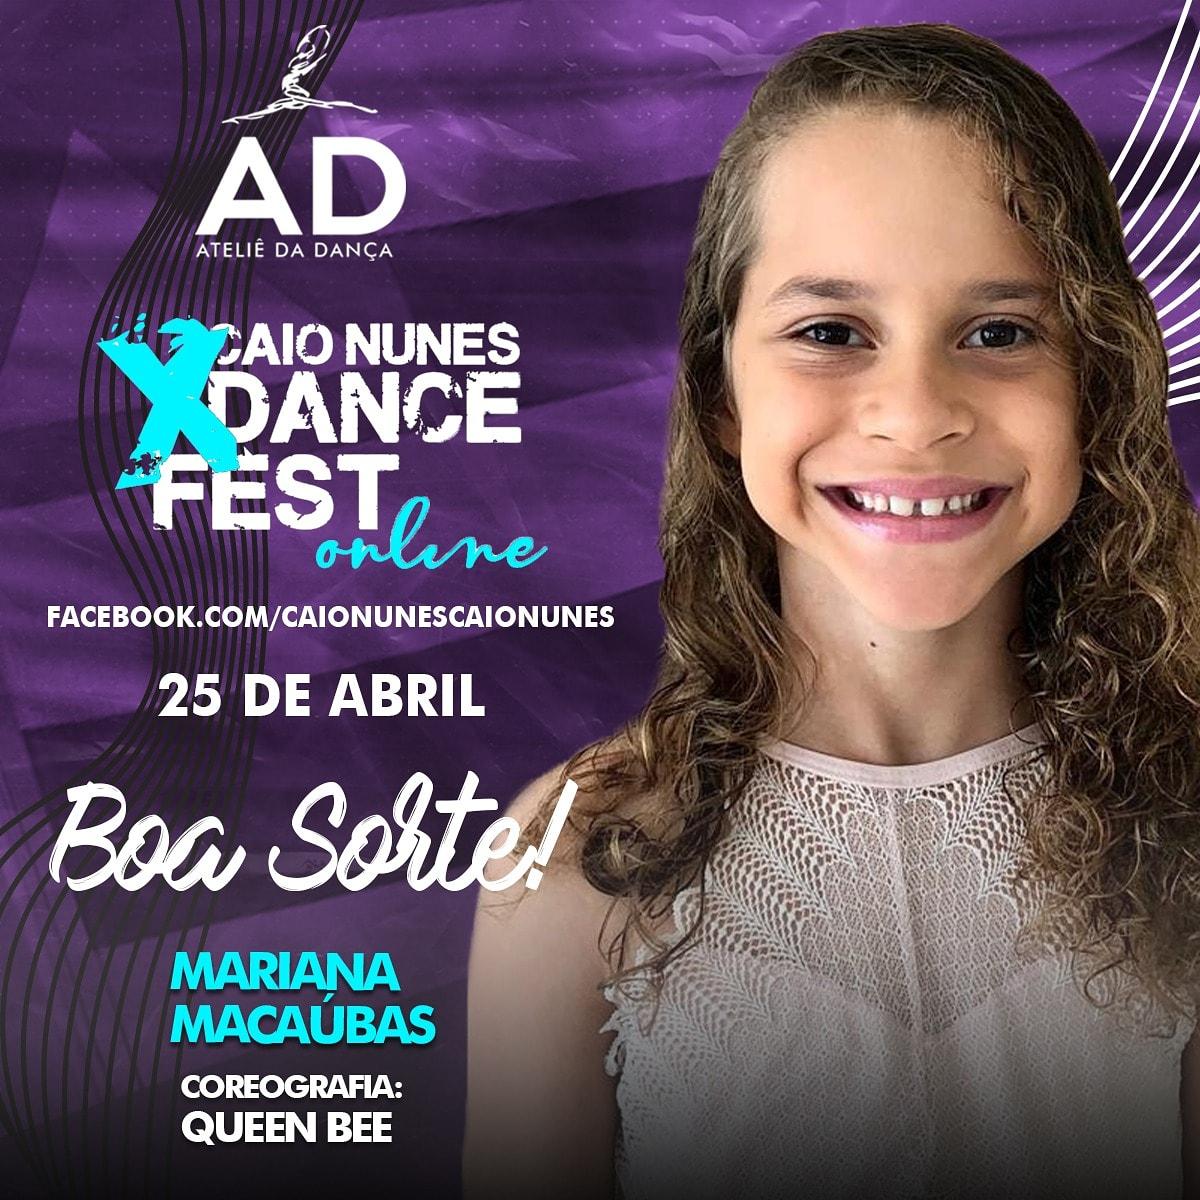 EX DANCE FAST ONLINE